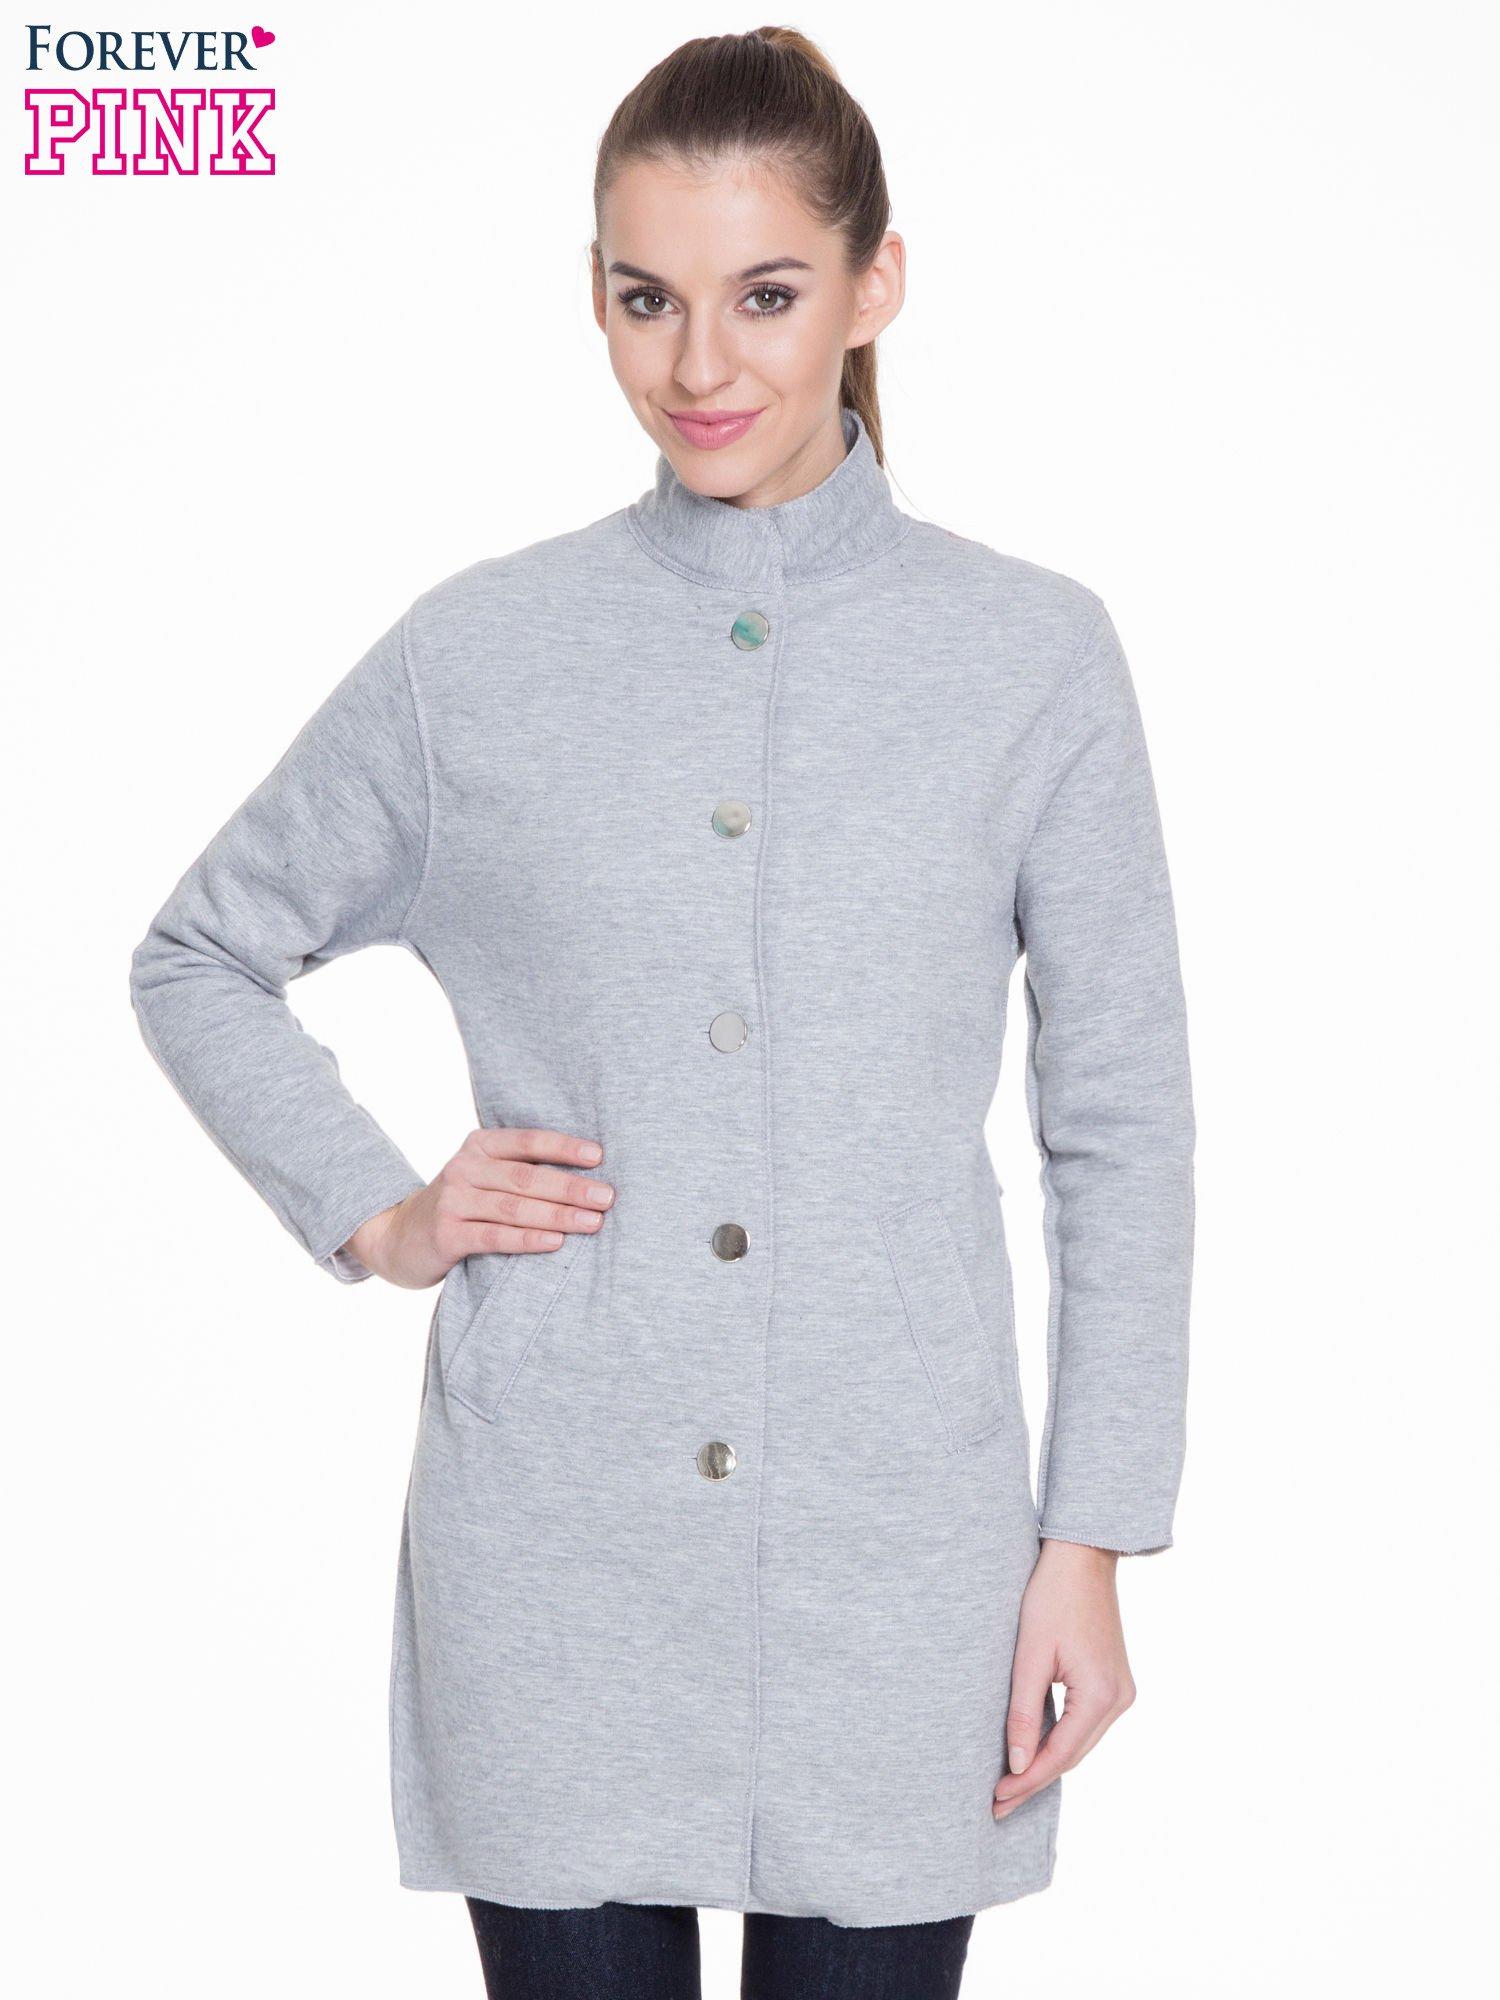 df79f54315a89 Szary dresowy płaszcz o kroju oversize - Kurtka płaszcz - sklep ...